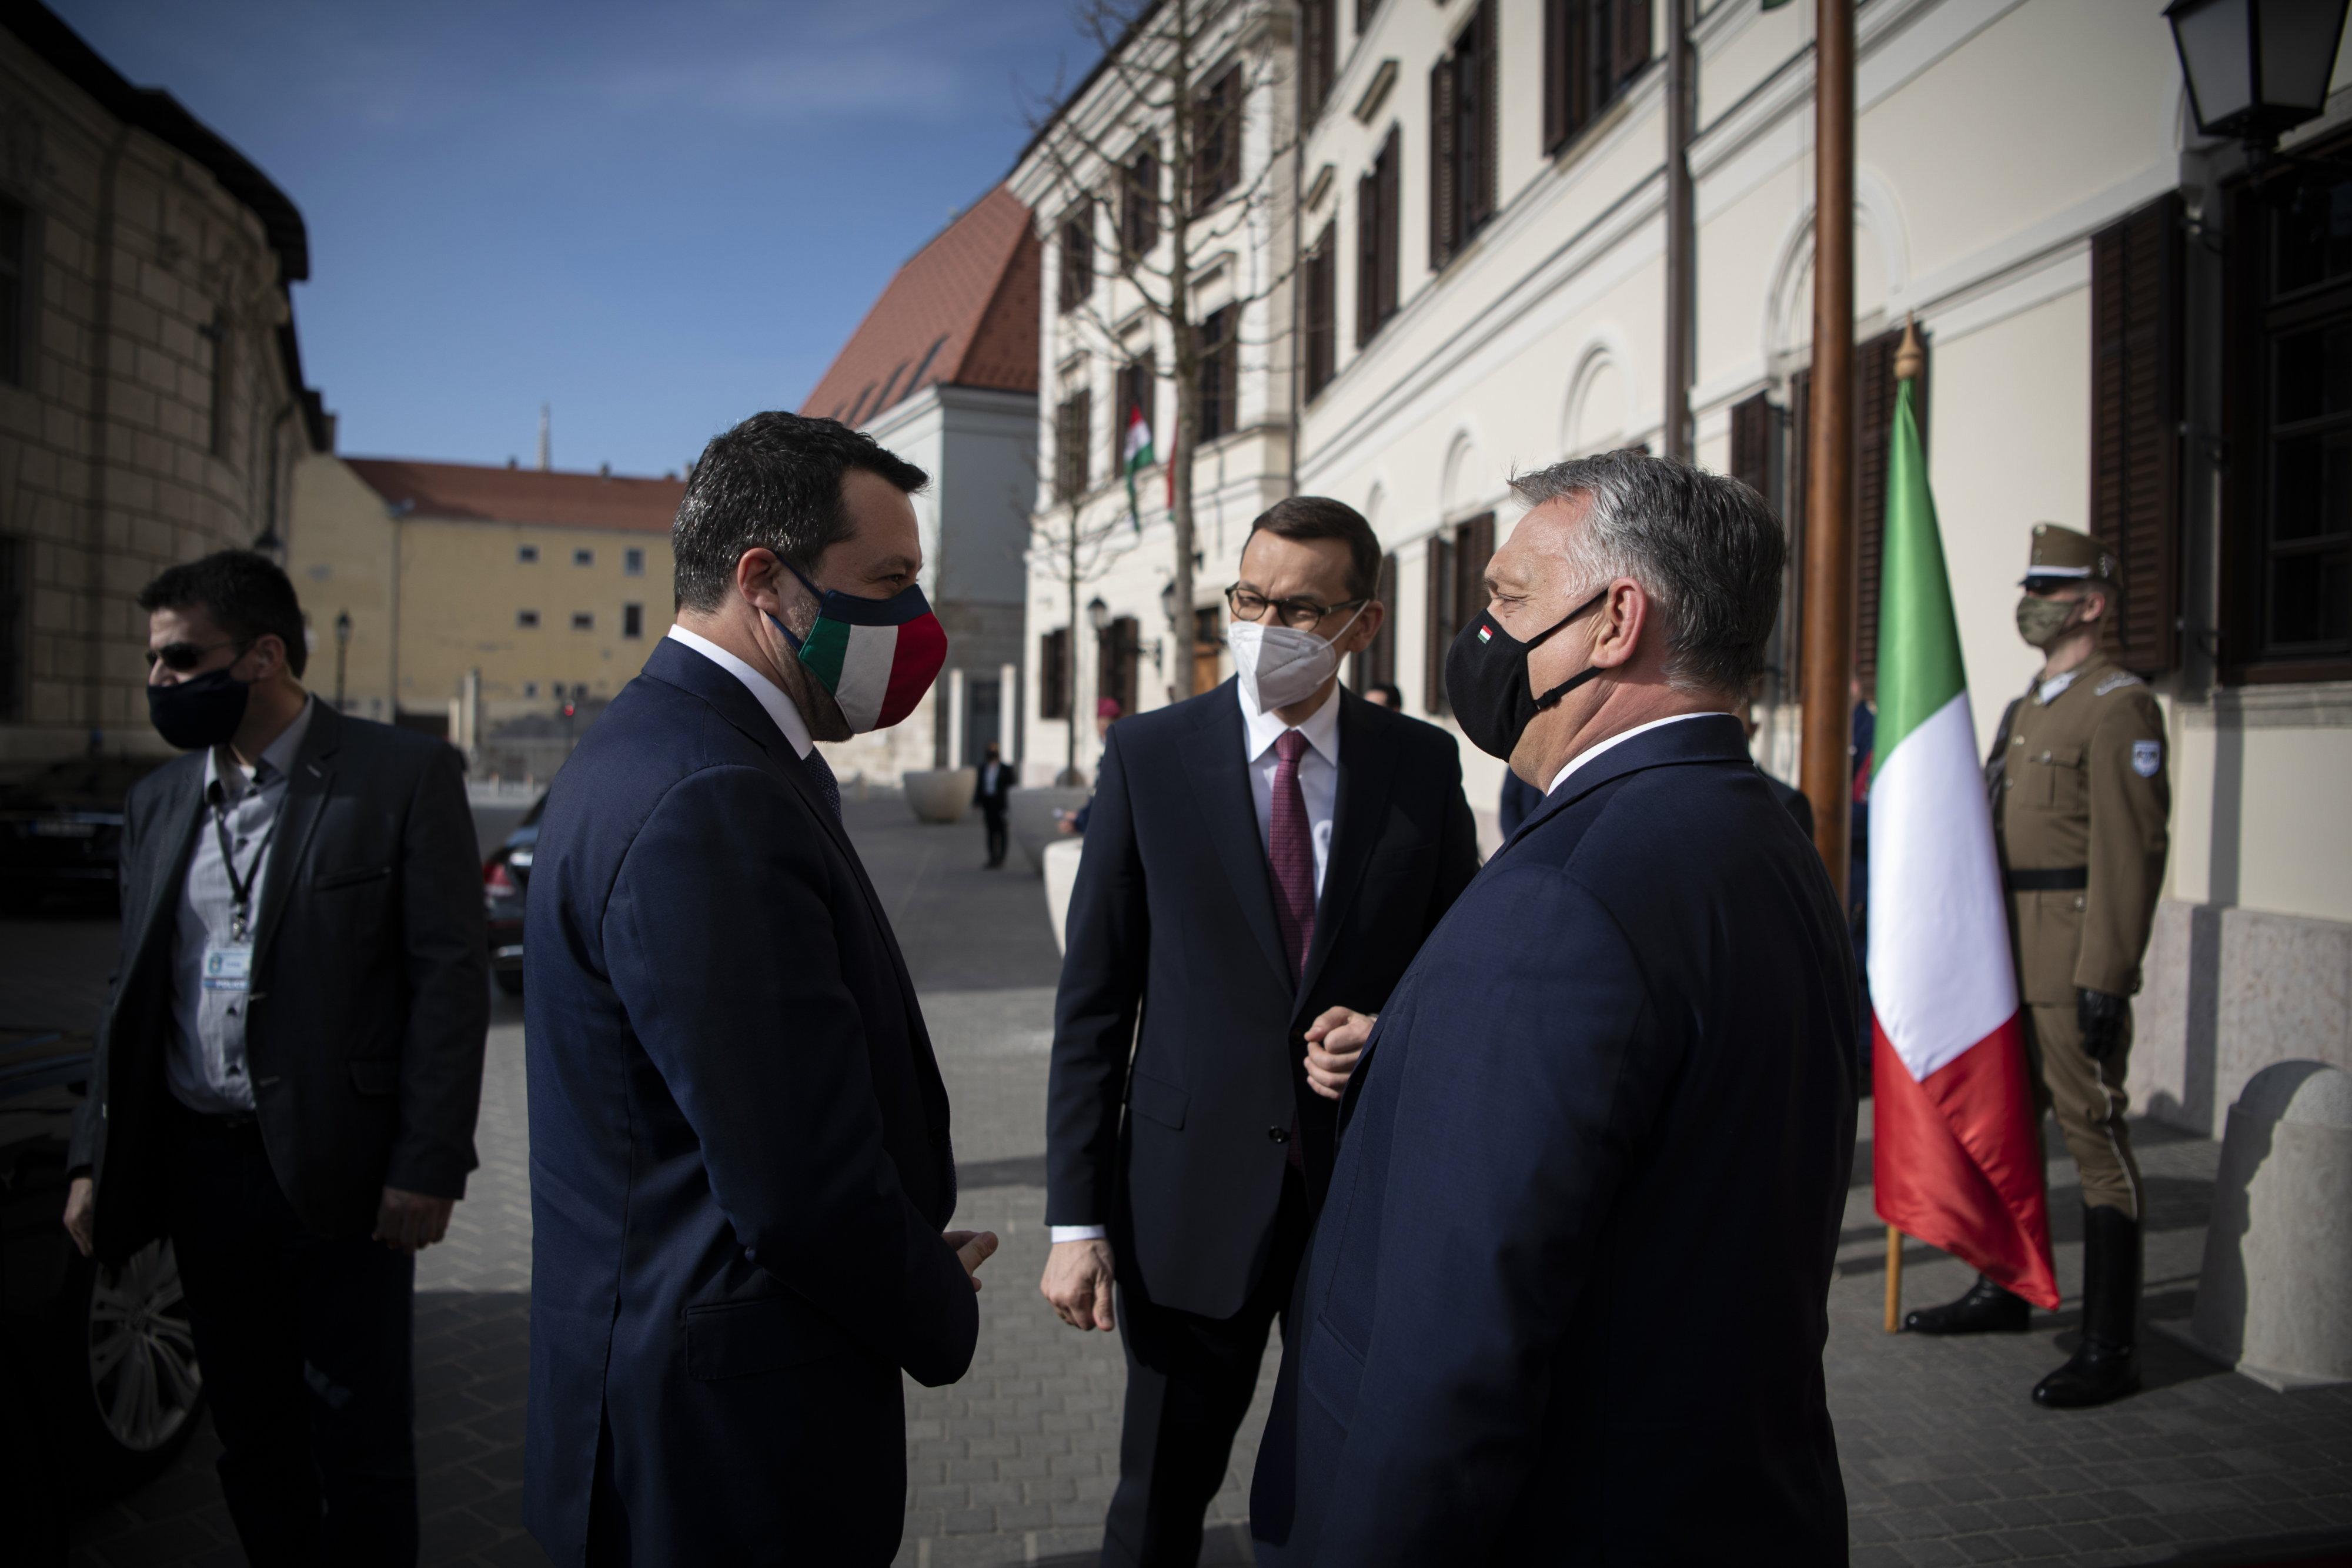 Le Pen, Salvini és Kaczynski pártjai mellett a Fidesz is aláírta az EU-s jobbosok új nyilatkozatát